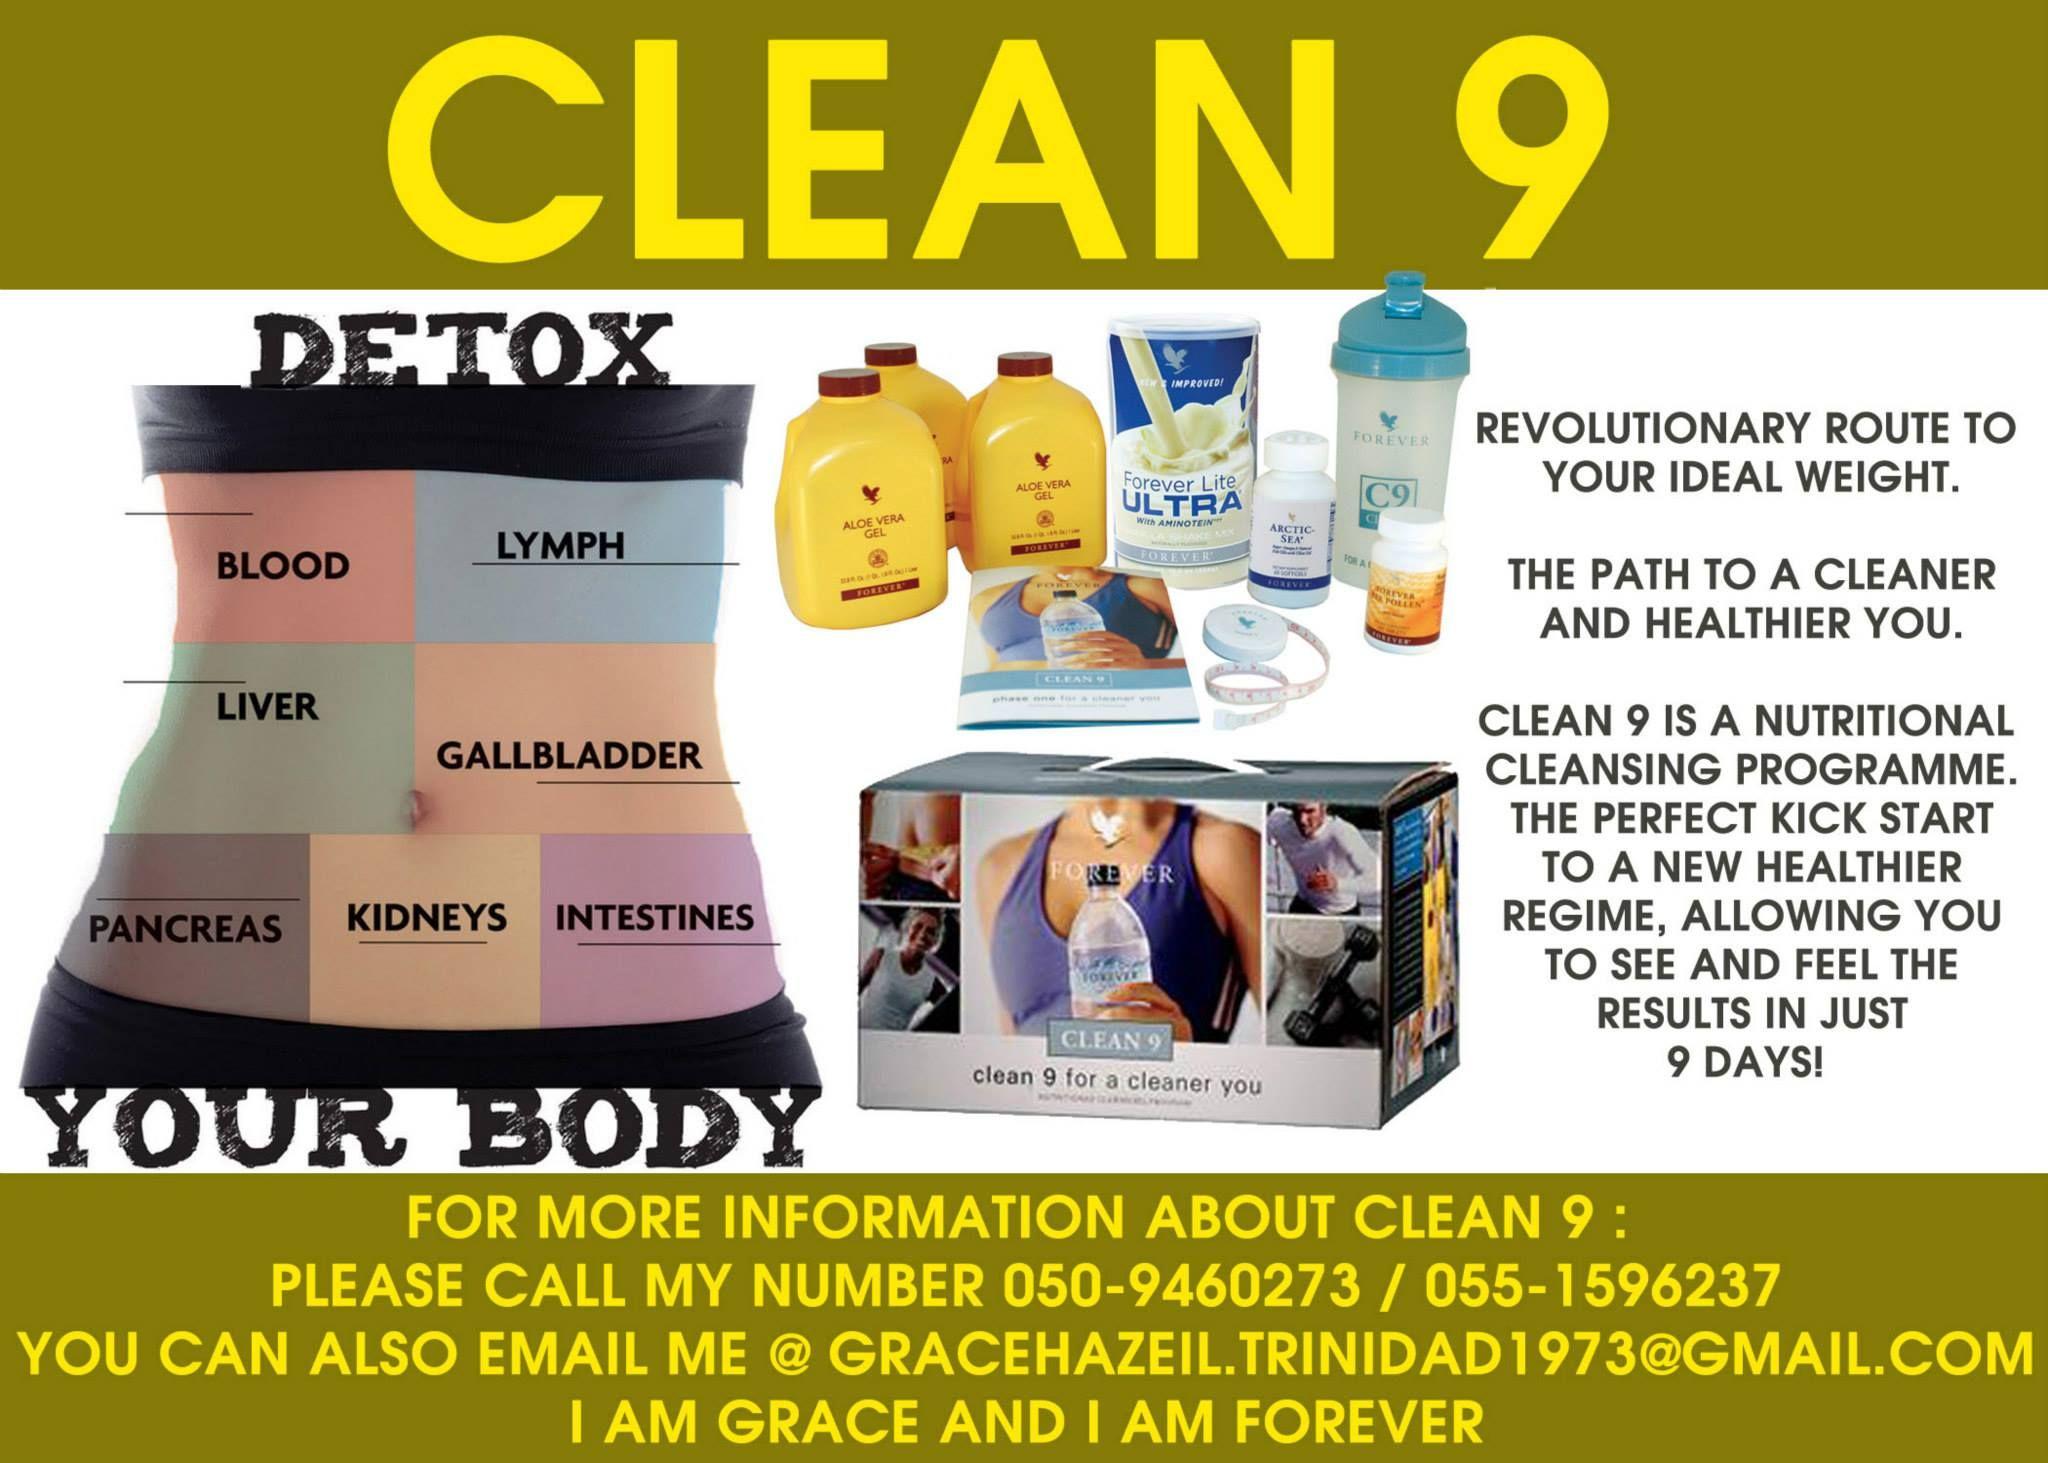 9 days diet program